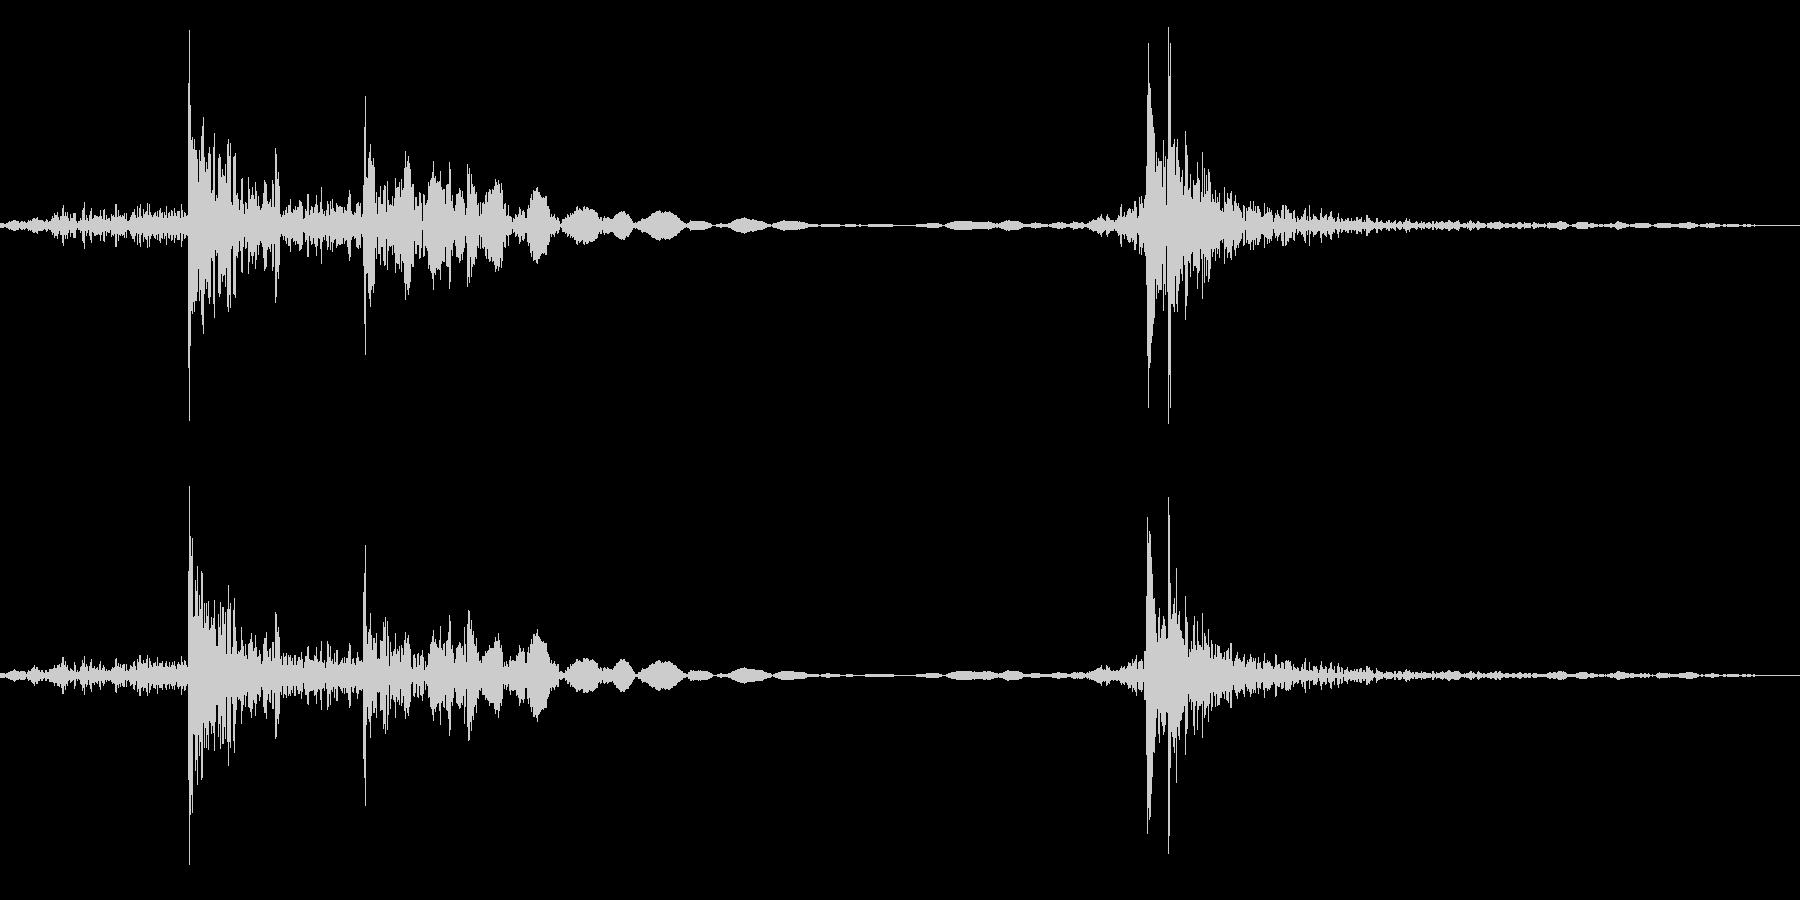 ドアノブを回す 鍵をかける音 ガチャコンの未再生の波形